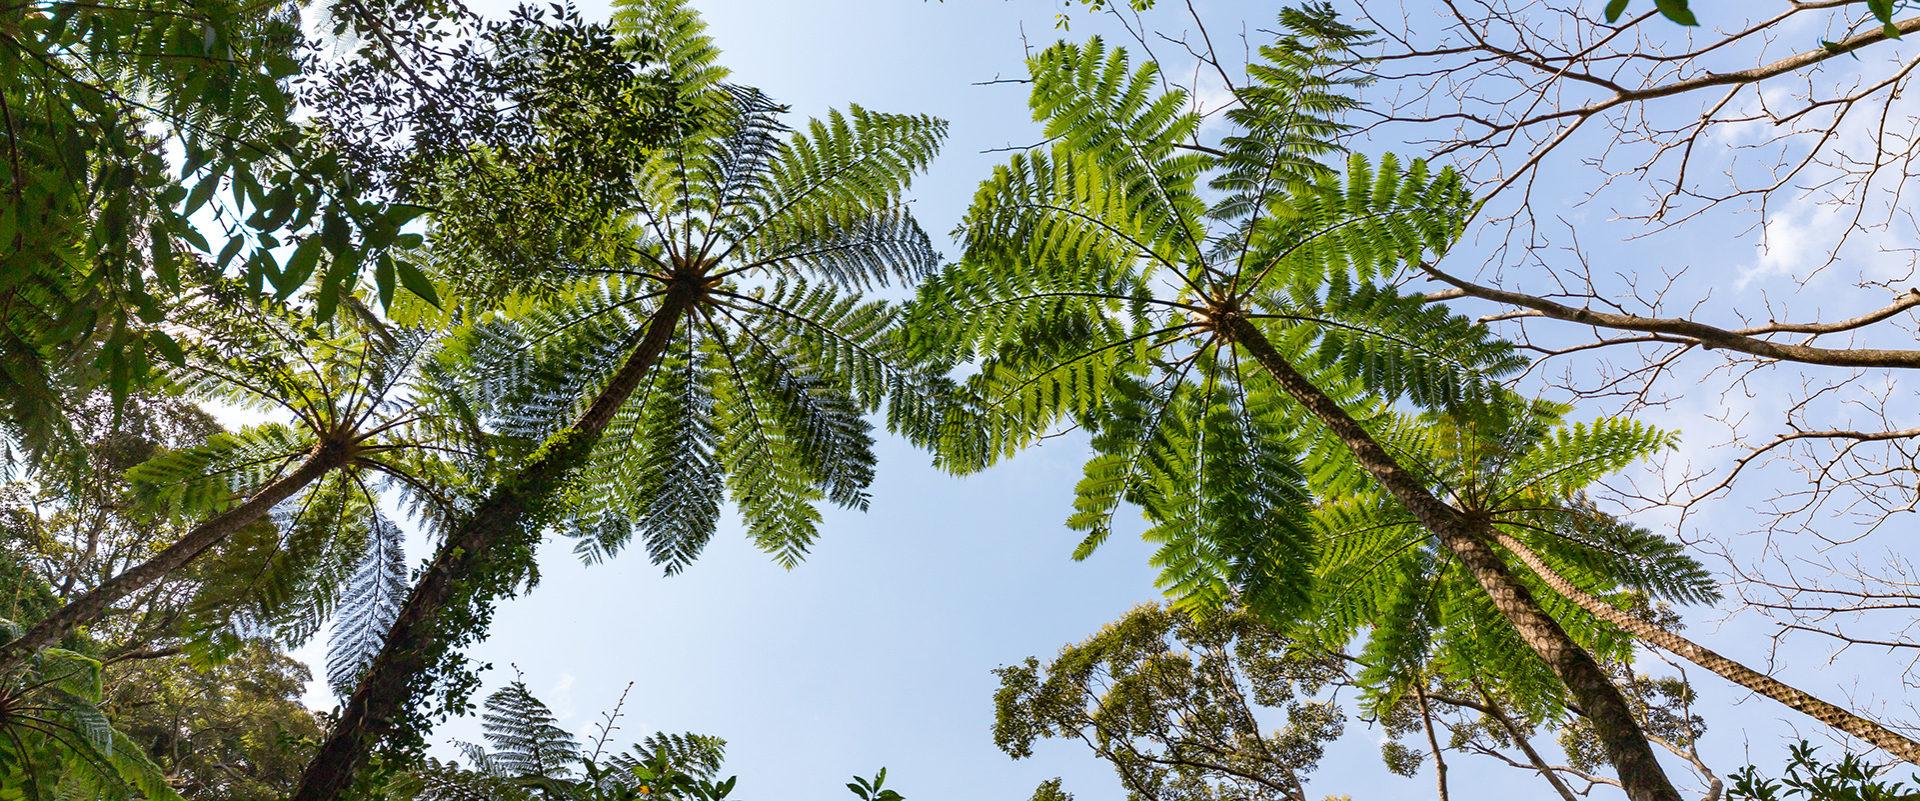 金策原原生林